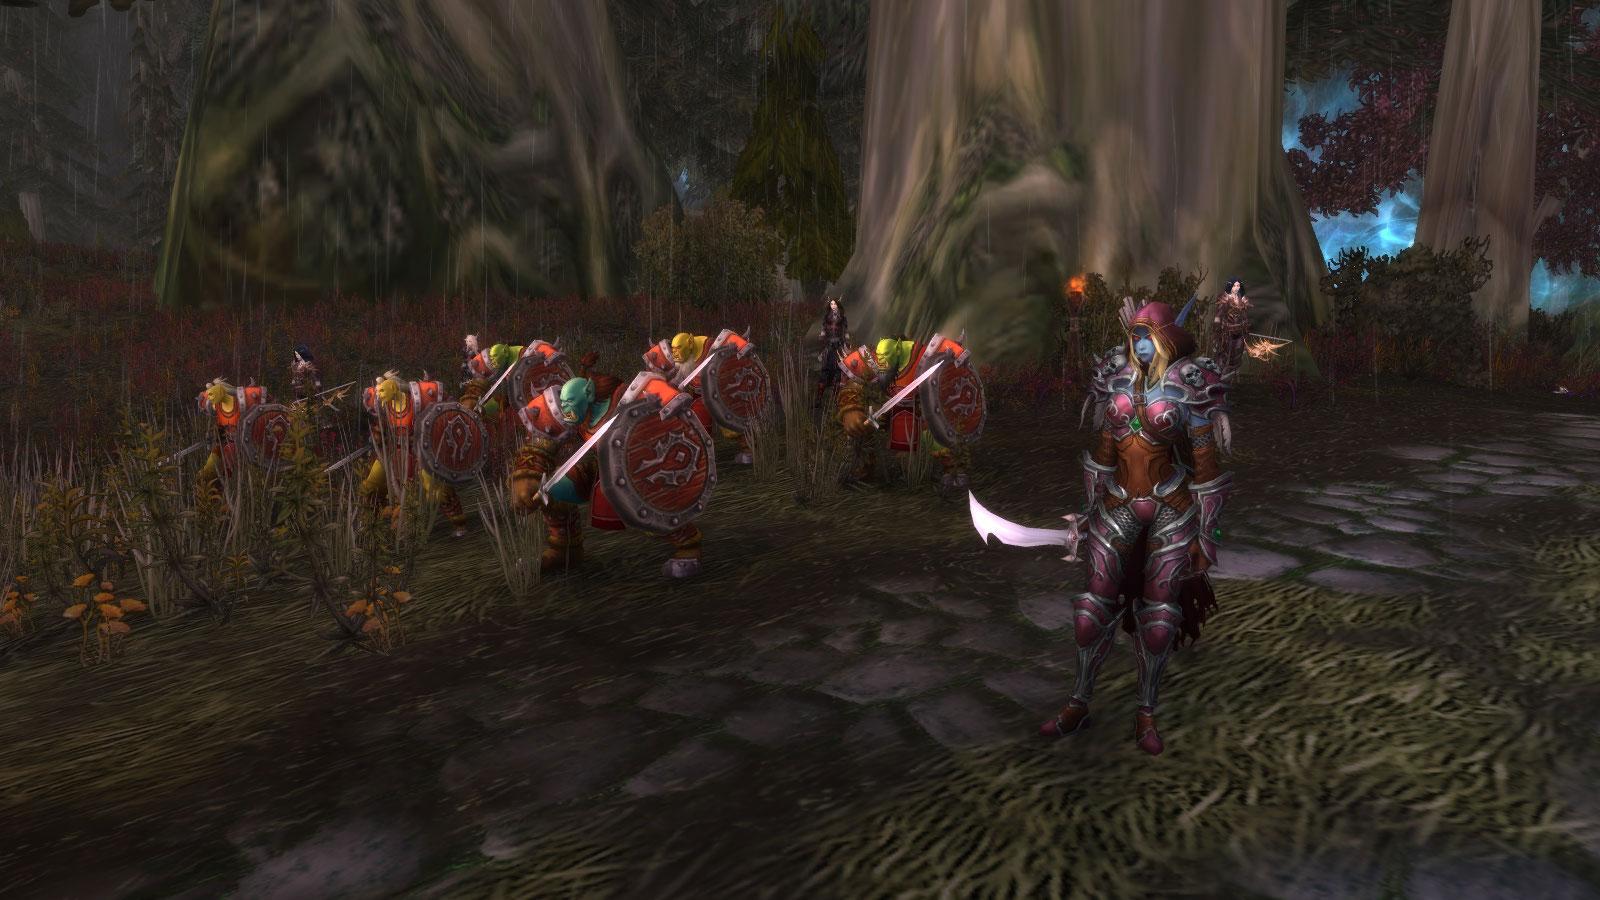 La Horde s'apprête à envahir Sombrivage